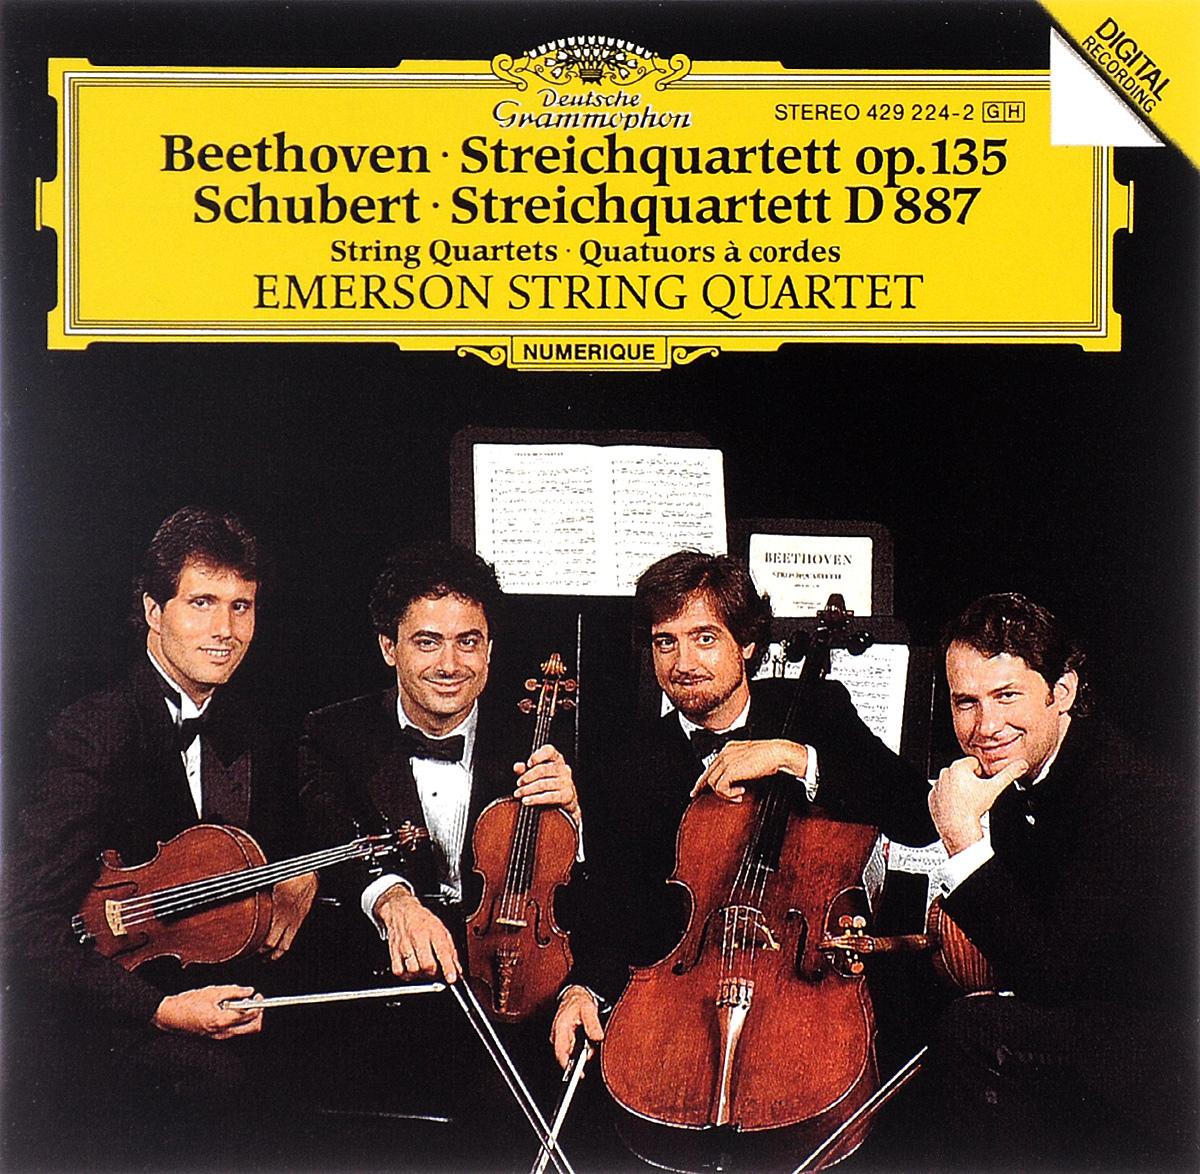 Emerson String Quartet Emerson String Quartet. Beethoven. Streichquartett Op. 135 / Schubert. Streichquartett D 887 a reichel string quartet in c major op 8